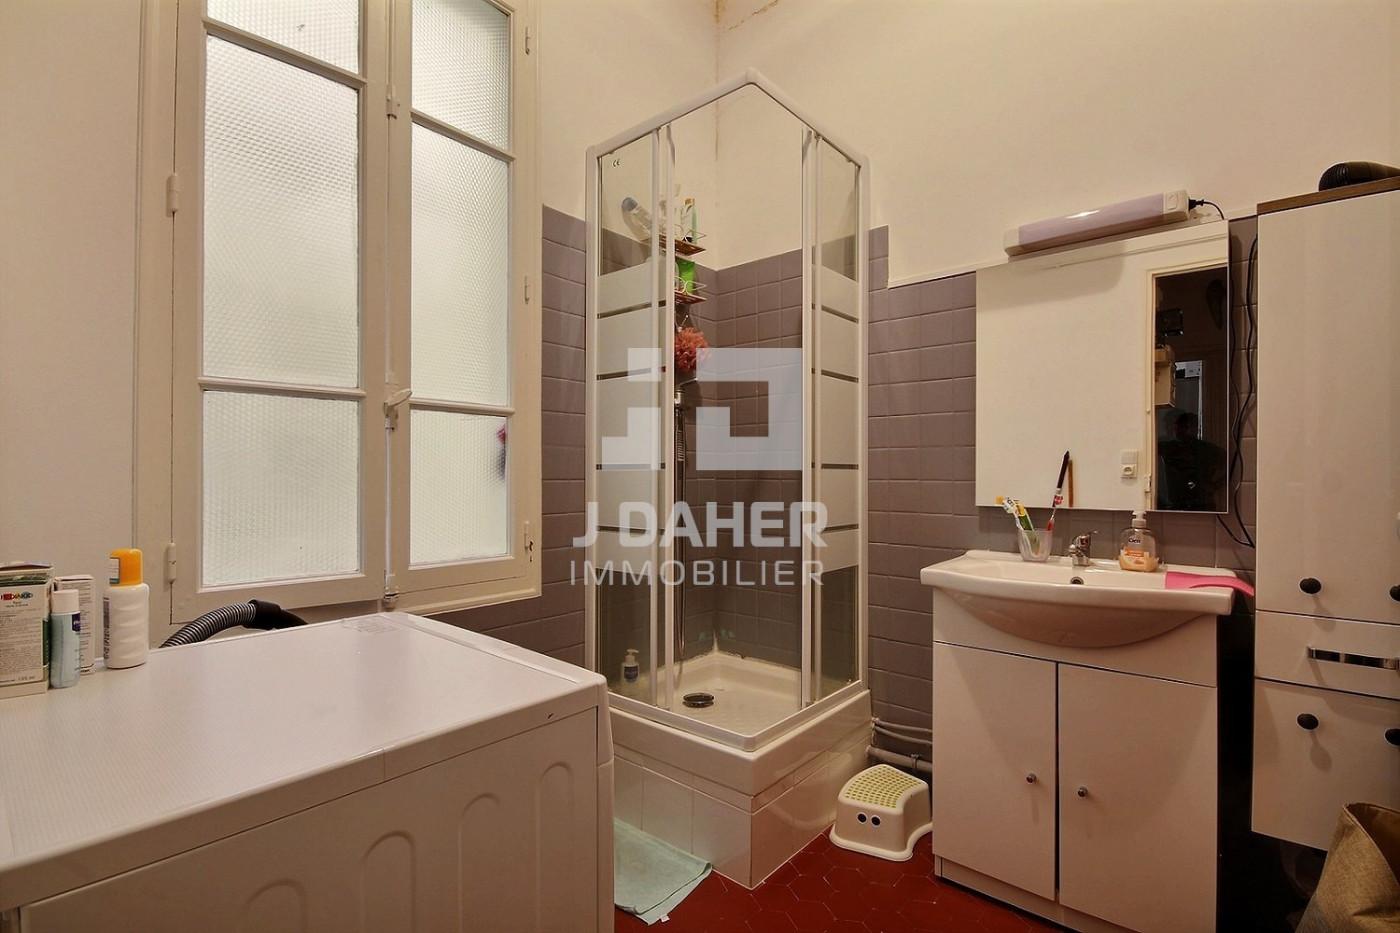 A vendre Marseille 5eme Arrondissement 13025977 J daher immobilier